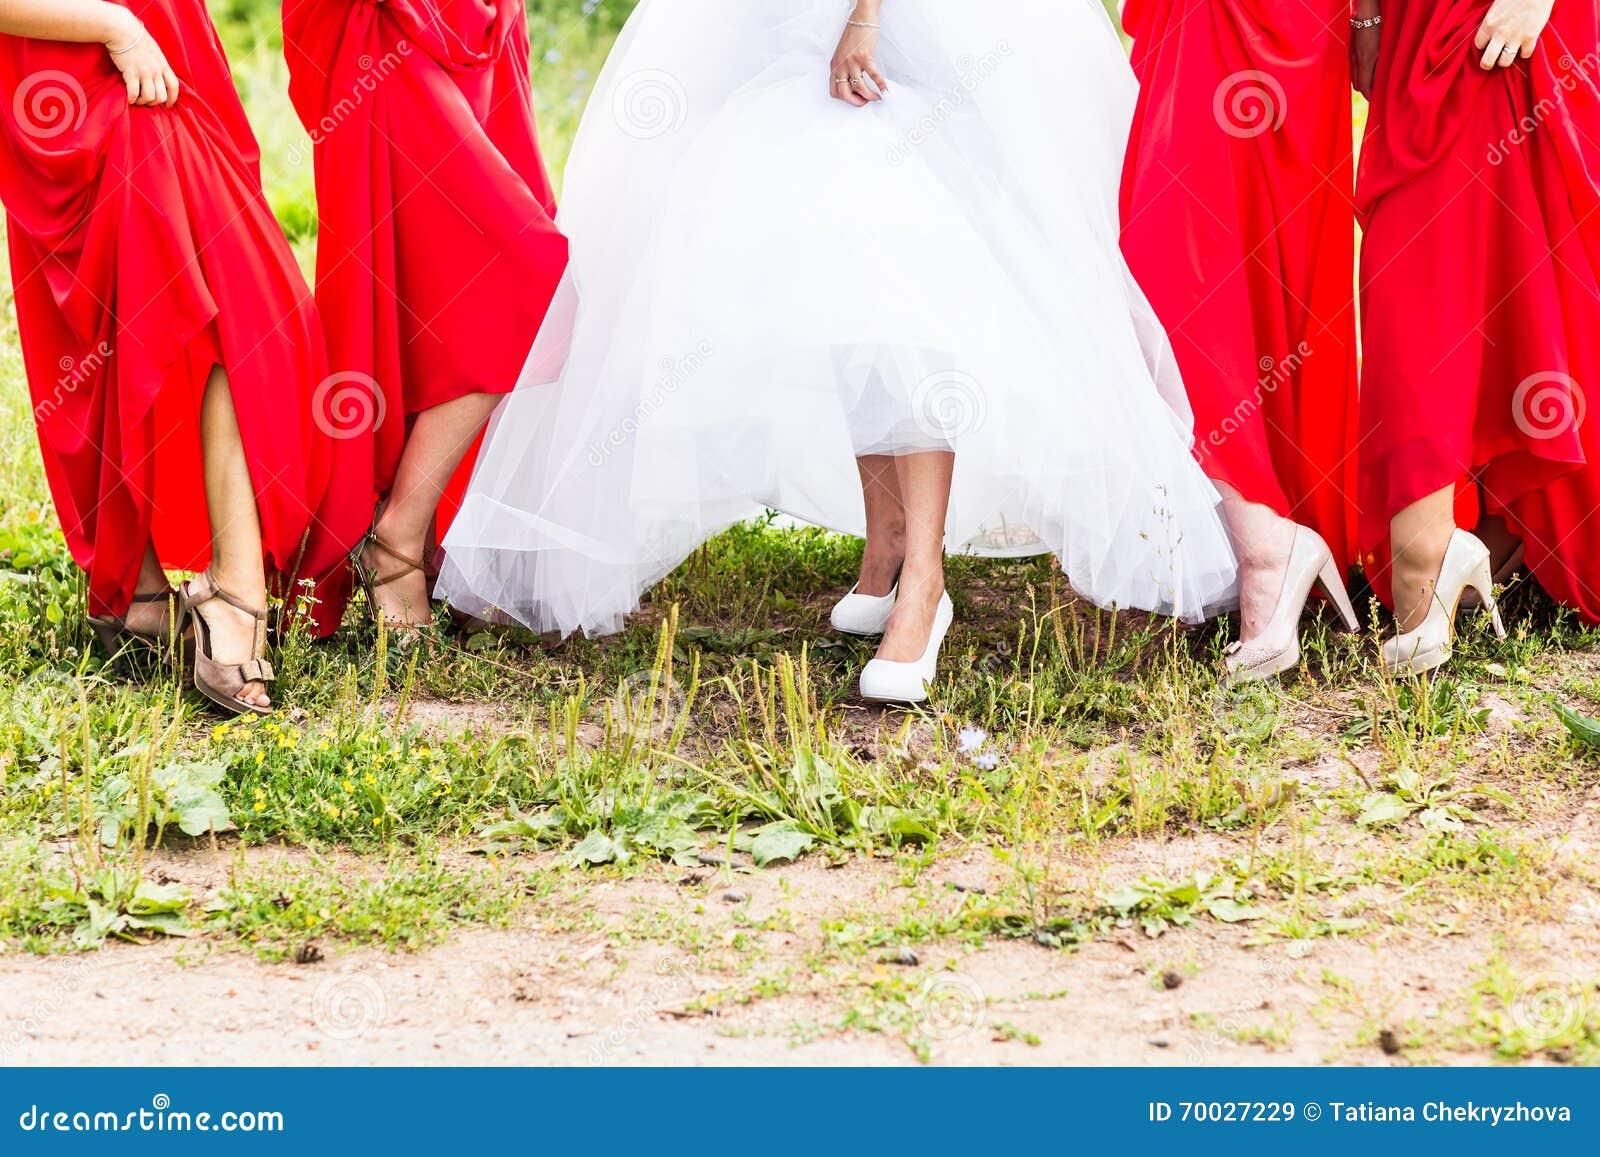 Braut und Brautjungfern führen ihre Schuhe an der Hochzeit vor